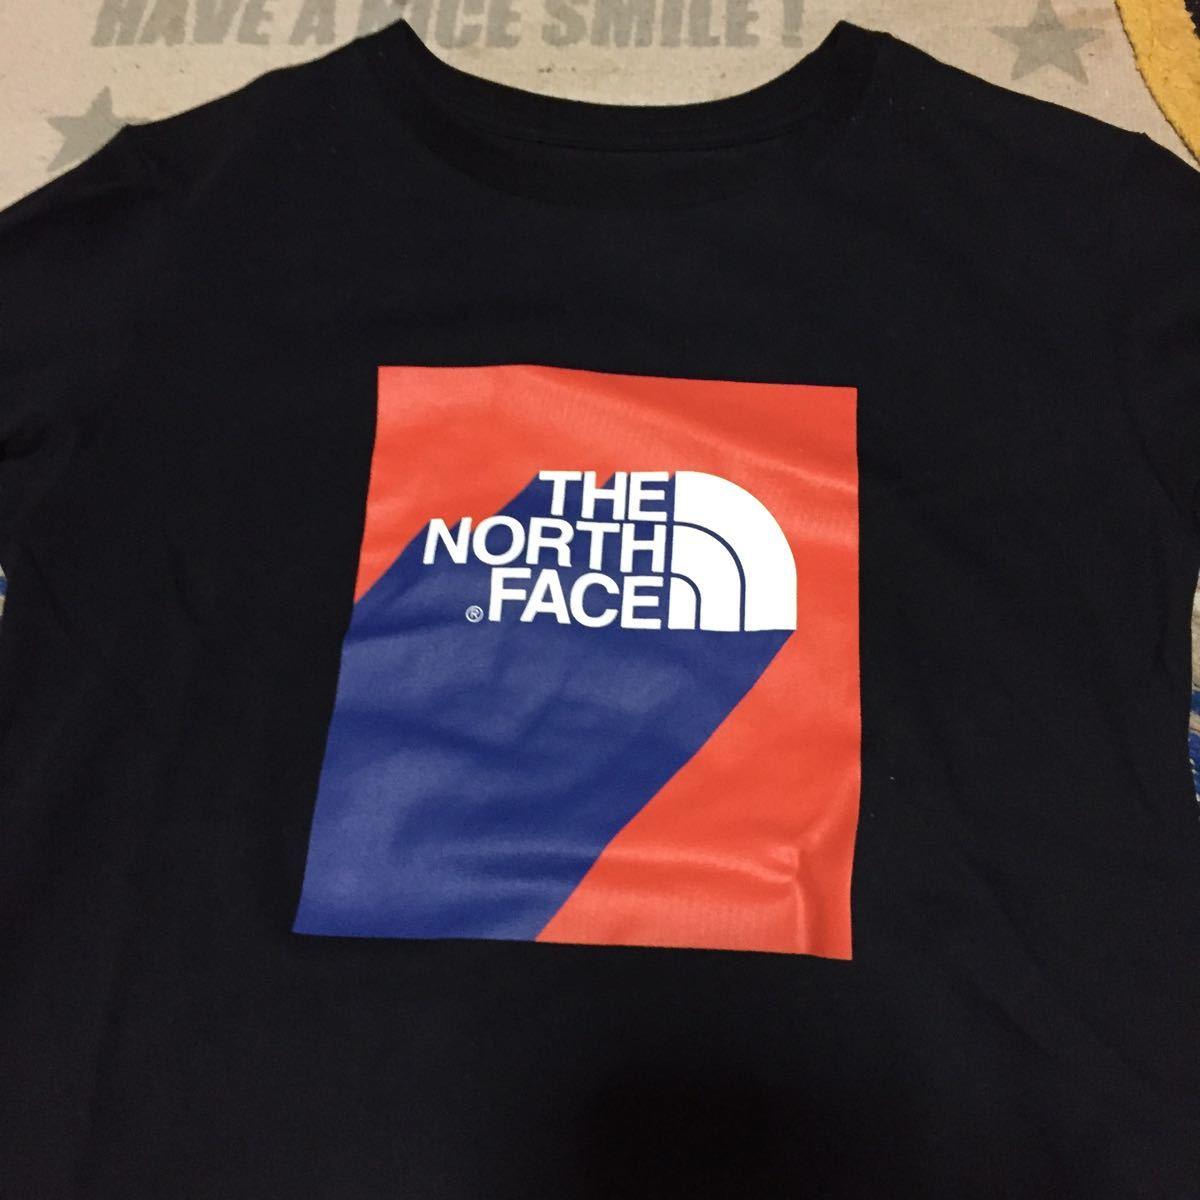 ザノースフェイス THE NORTH FACE 半袖Tシャツ